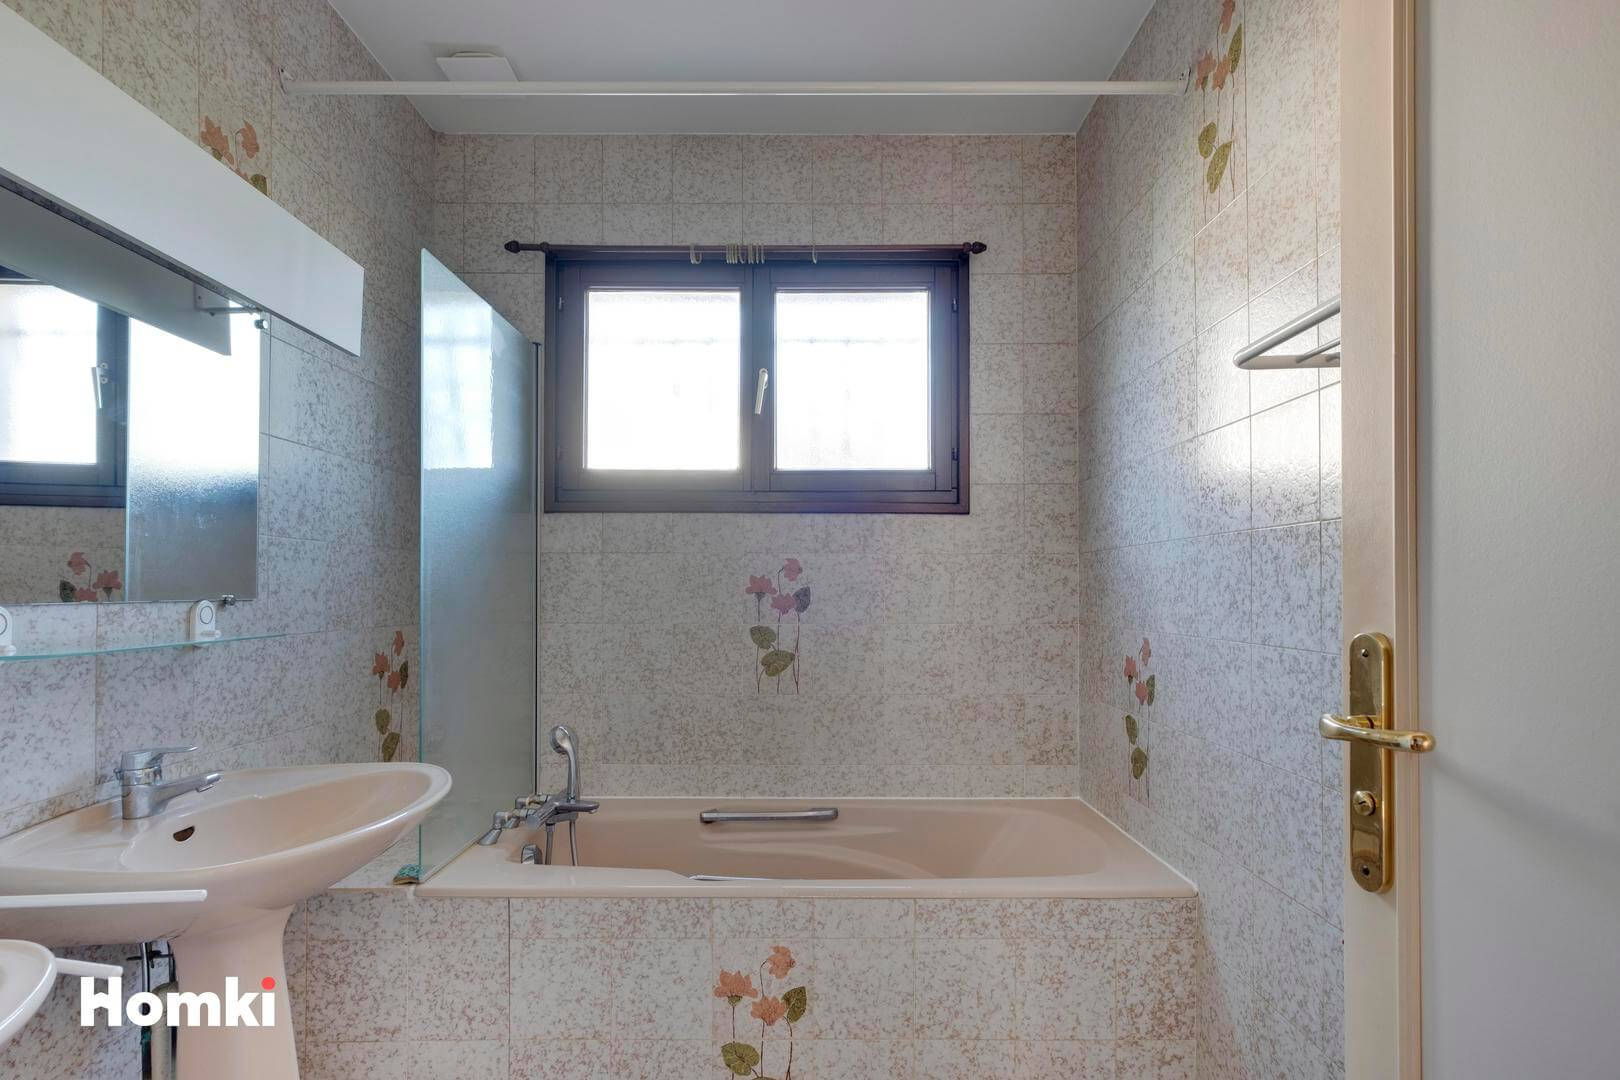 Homki - Vente Maison/villa  de 136.0 m² à Mions 69780